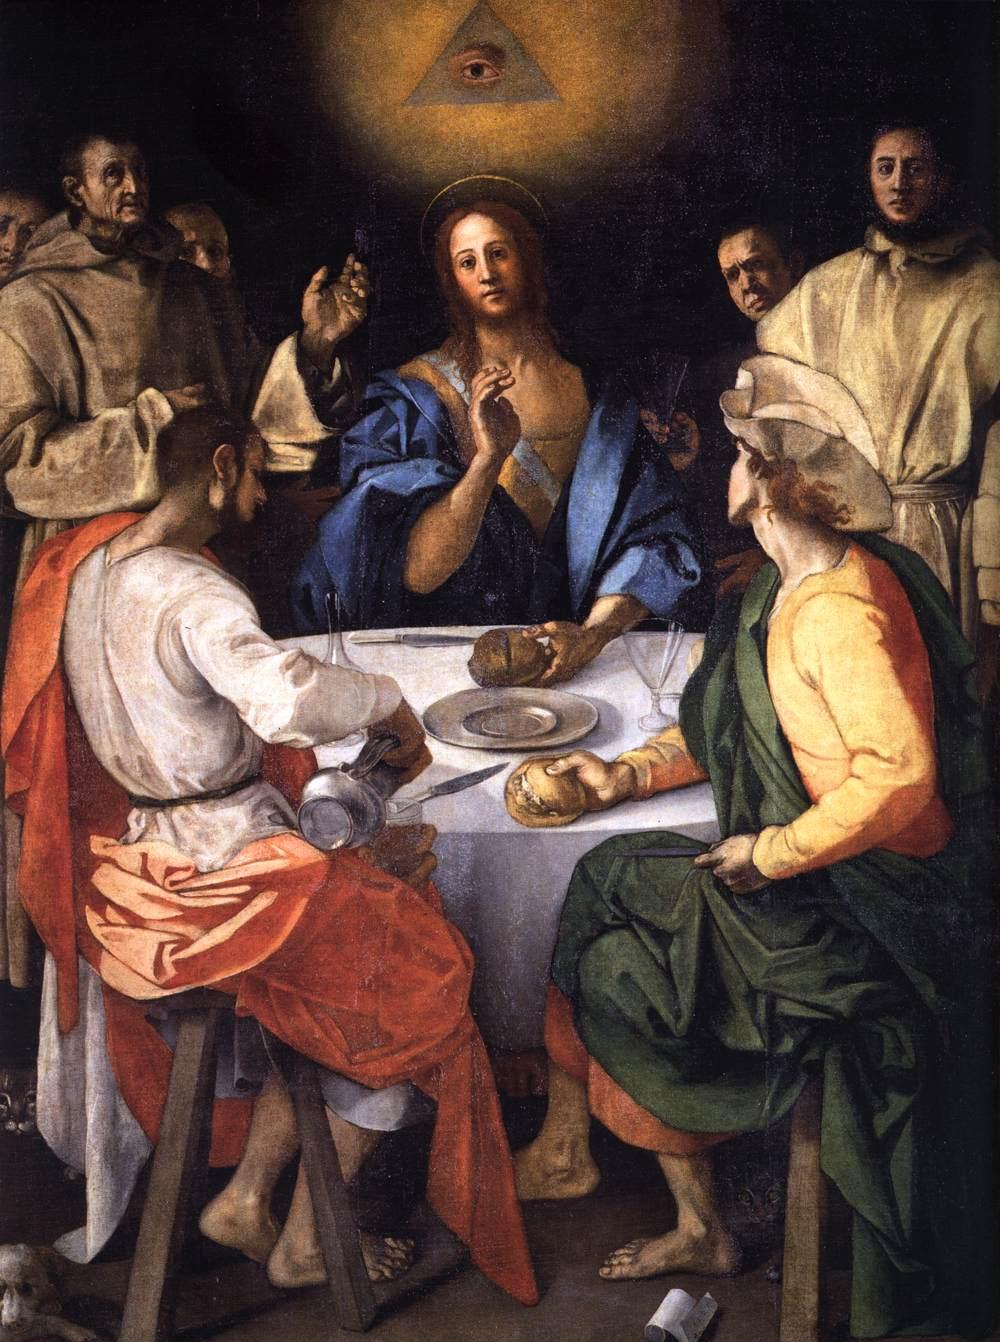 Supper in Emmaus